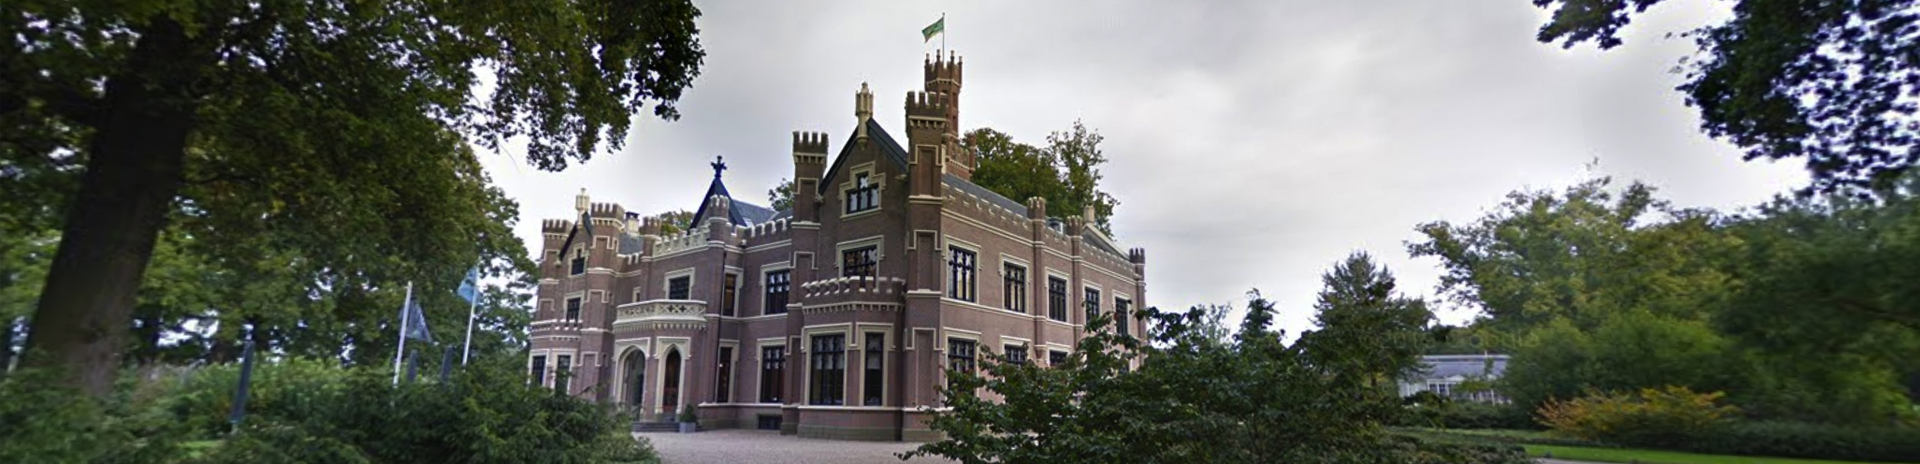 Letselschade Barneveld | LetselPro